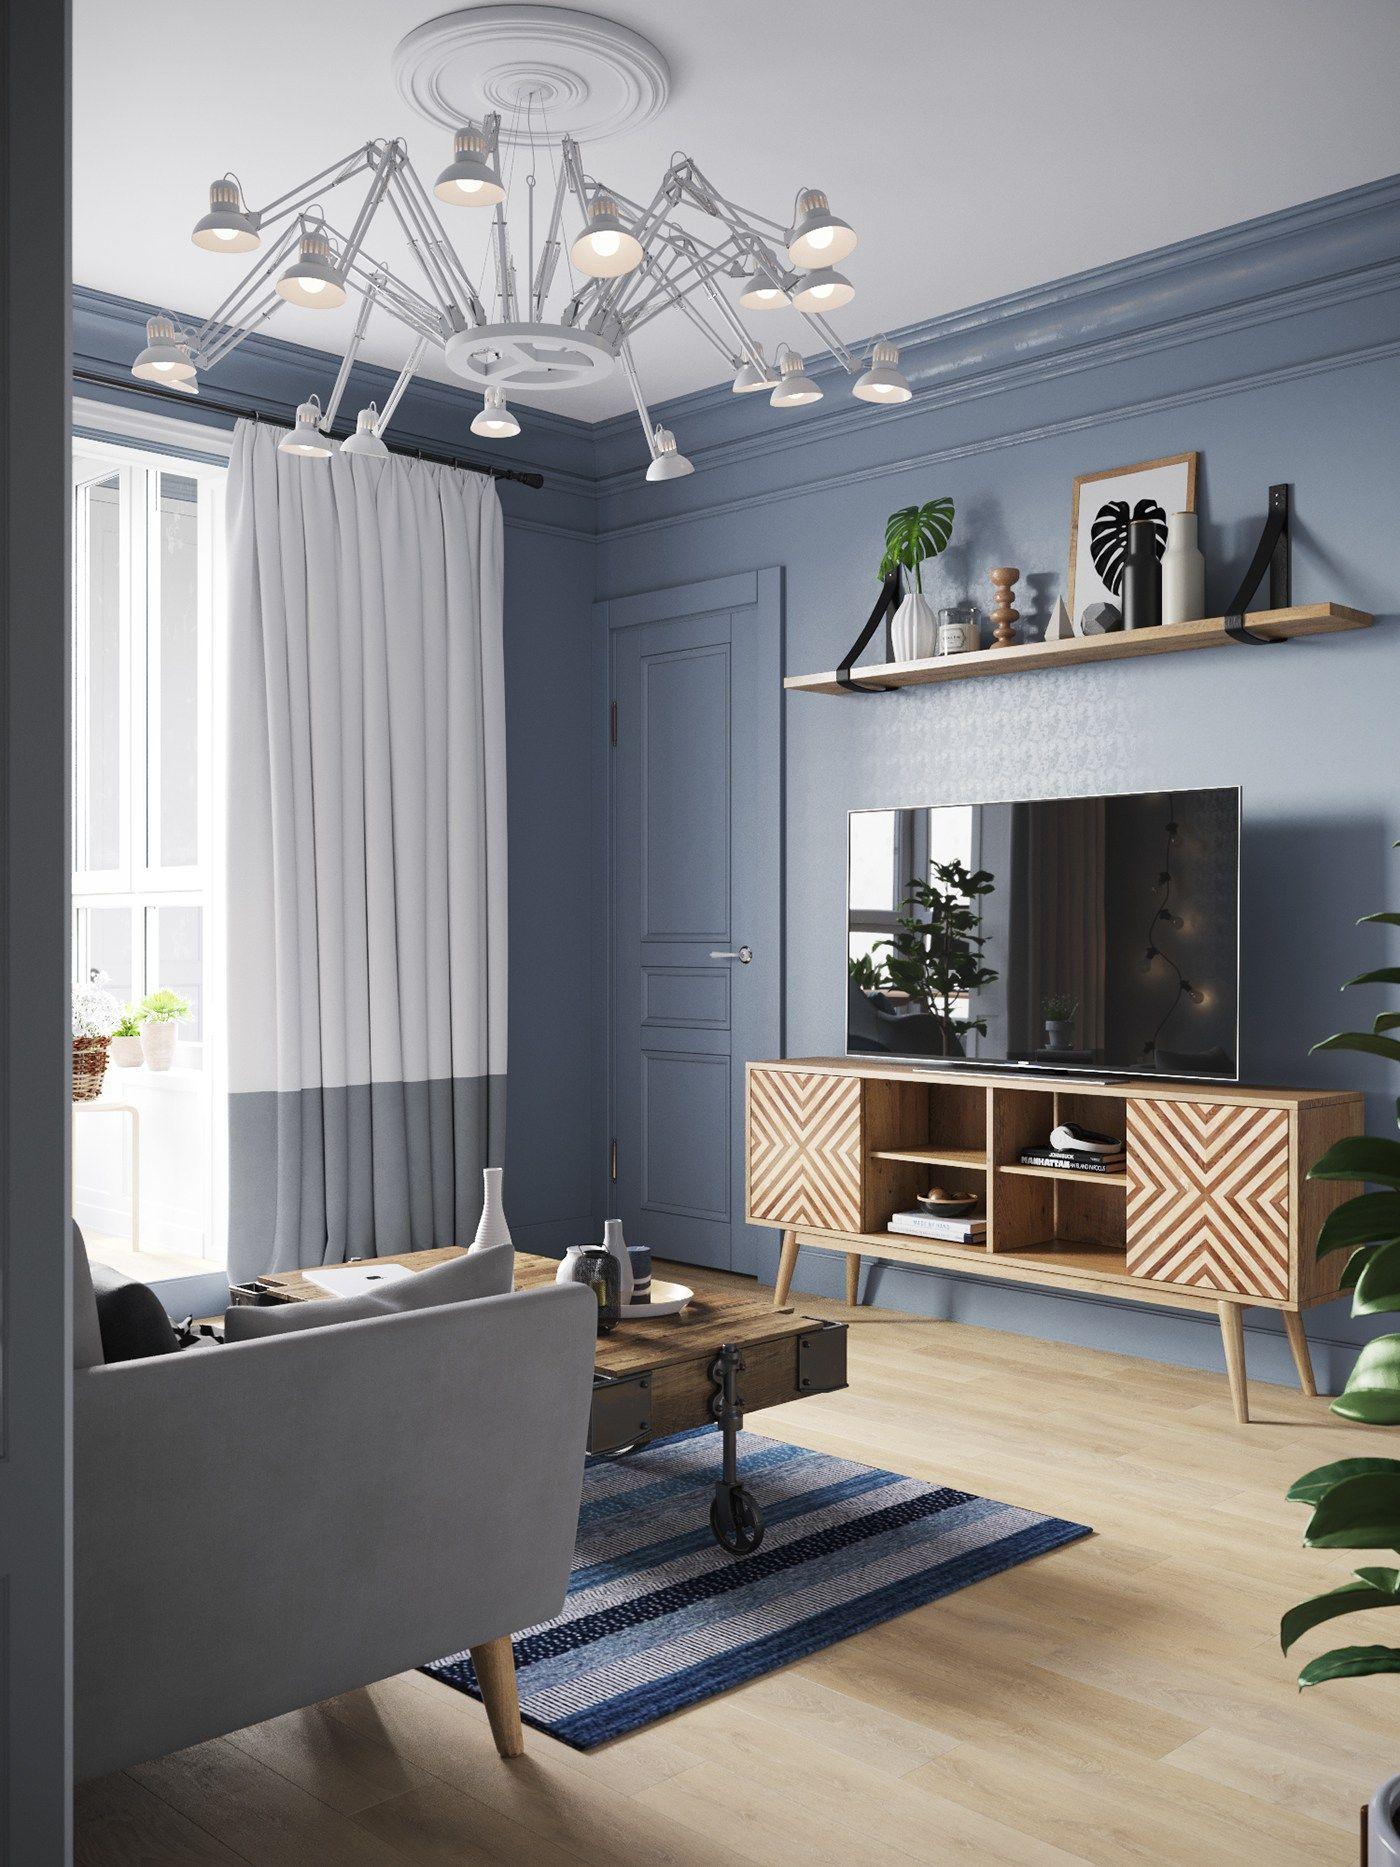 Photo of Esprit scandinave à St Petersbourg – PLANETE DECO a homes world